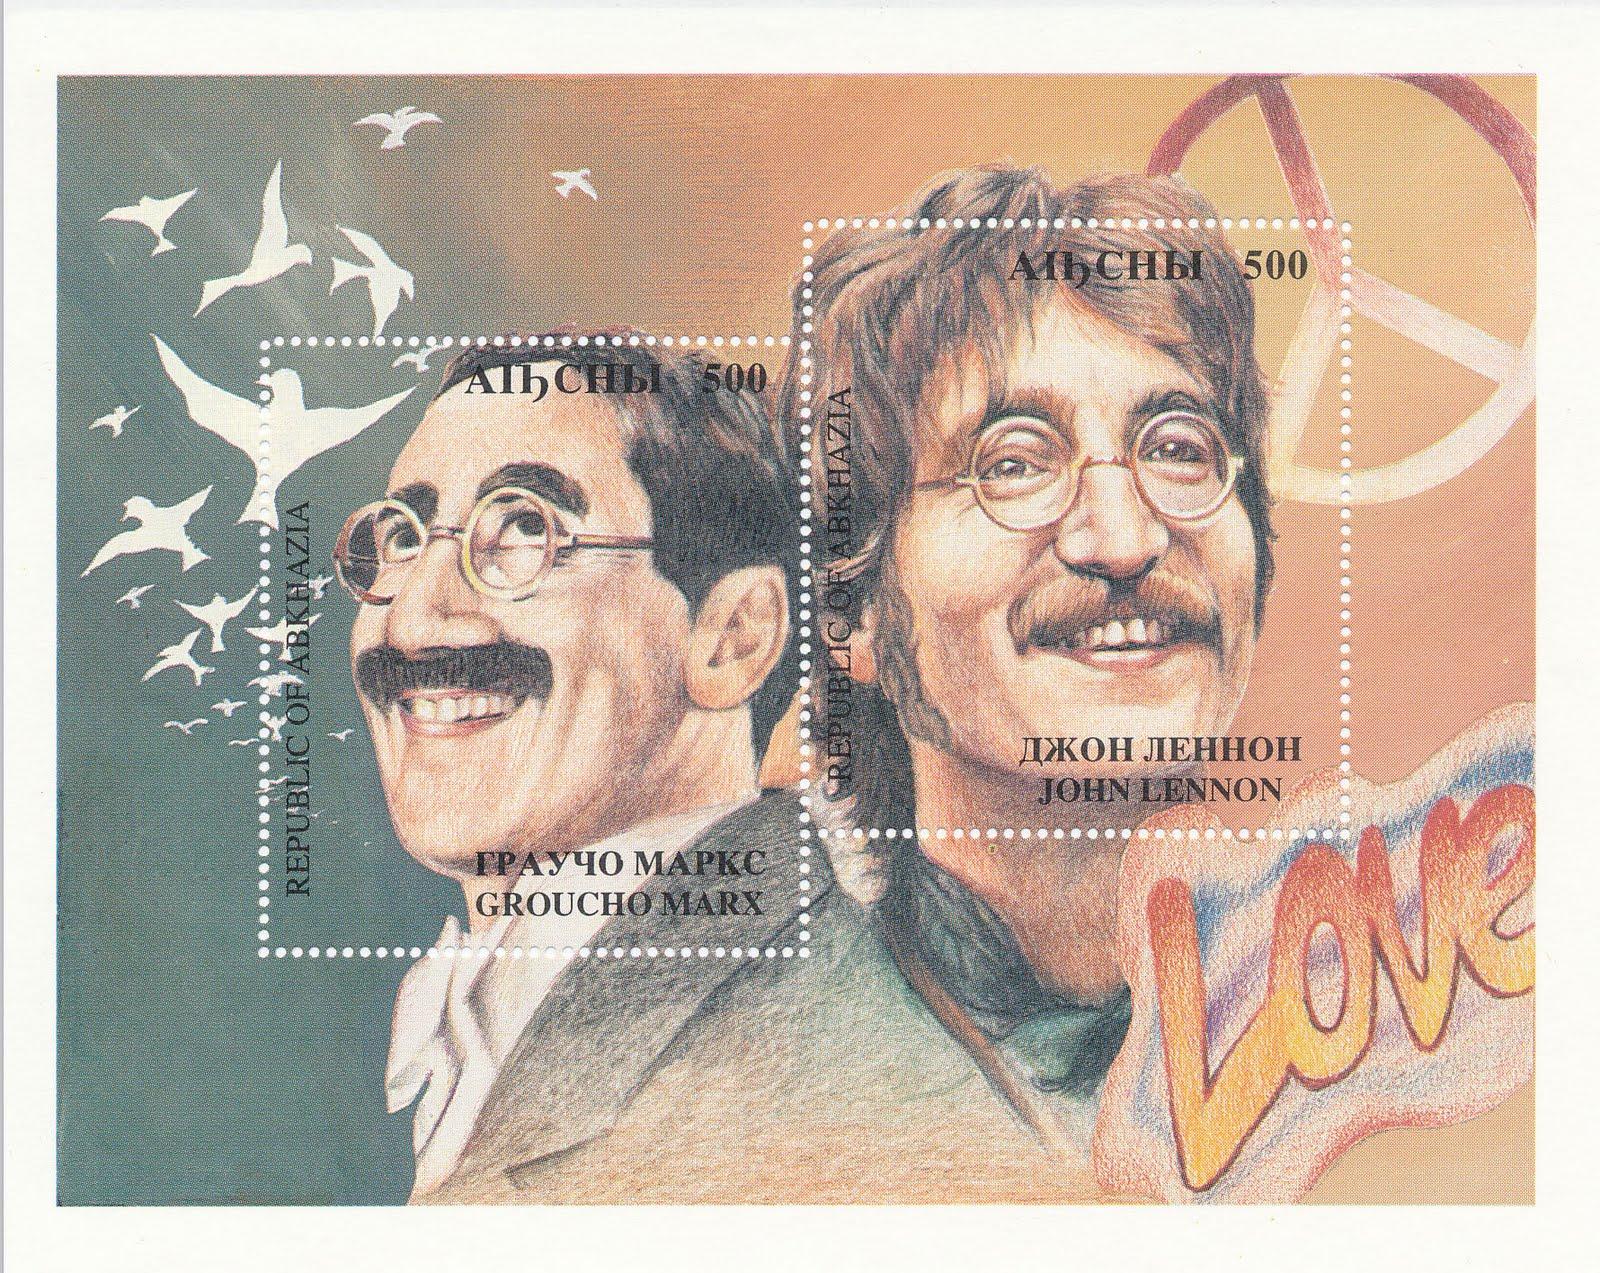 IMAGE(http://3.bp.blogspot.com/-D-rnN1HHeU8/TfFd97fgxUI/AAAAAAAACFc/S39IEc-TDoE/s1600/Stamp.jpg)